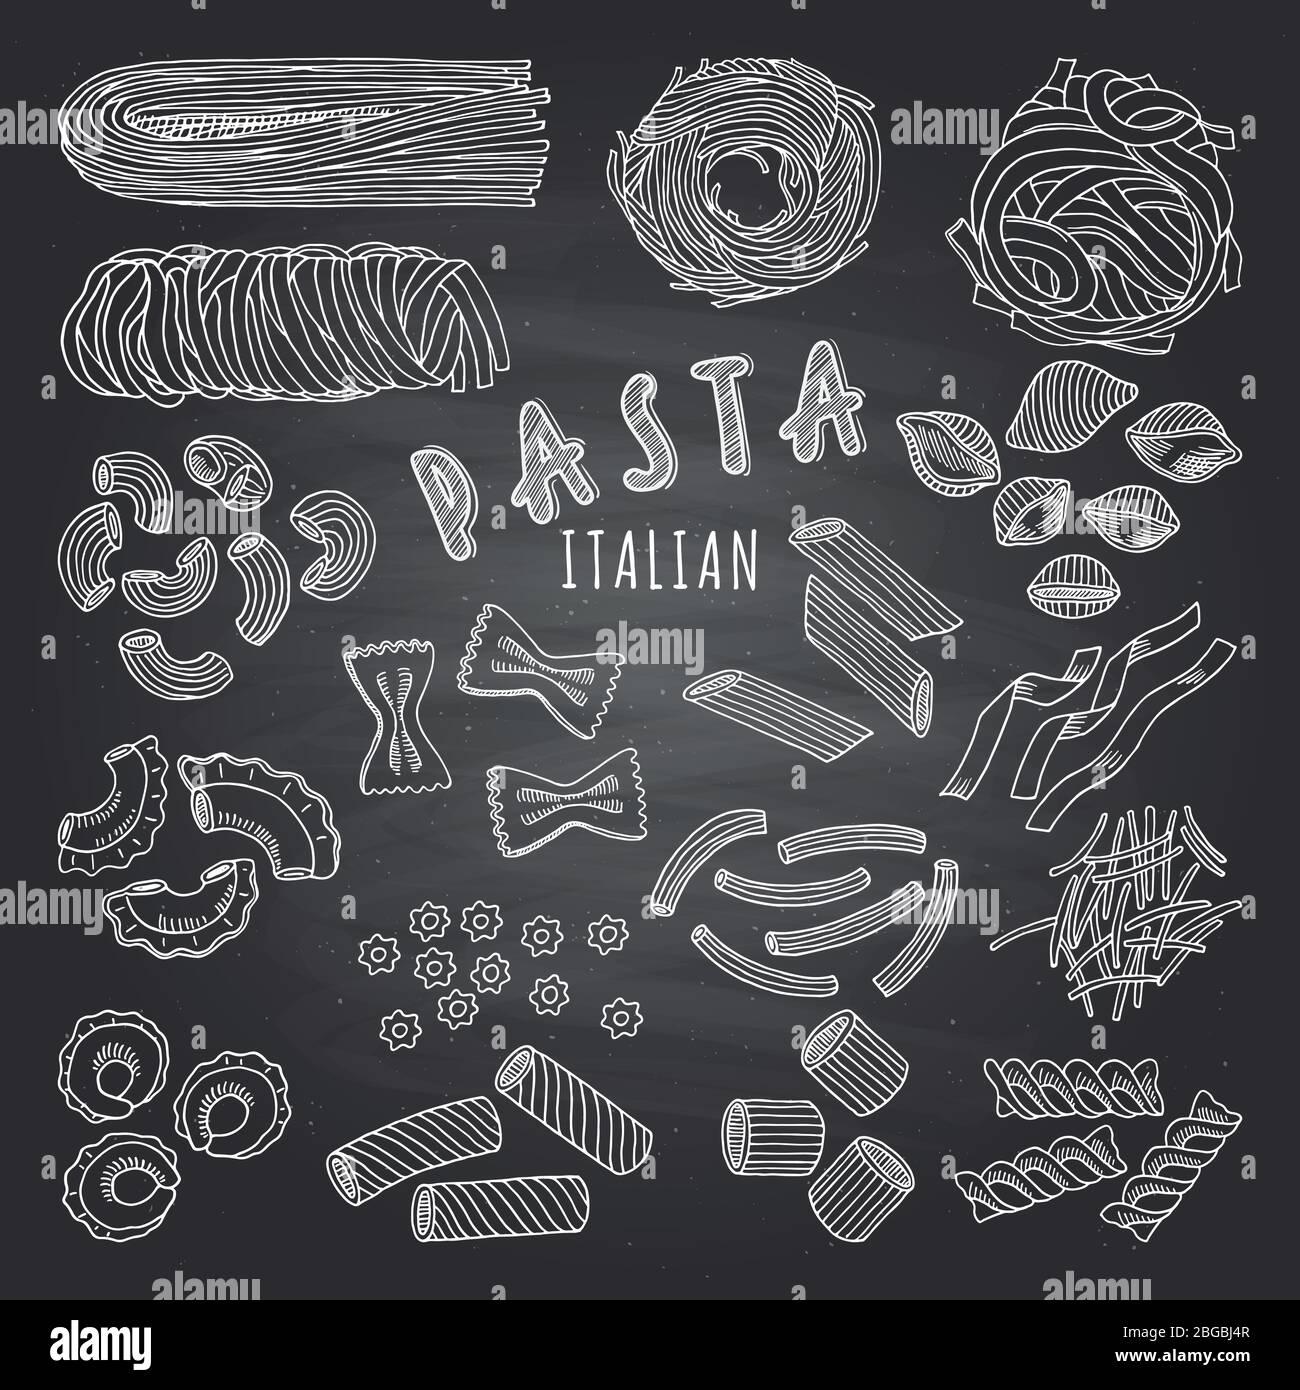 Types de pâtes italines. Photos dessinées à la main sur fond sombre. Icônes définies pour le menu du restaurant Illustration de Vecteur